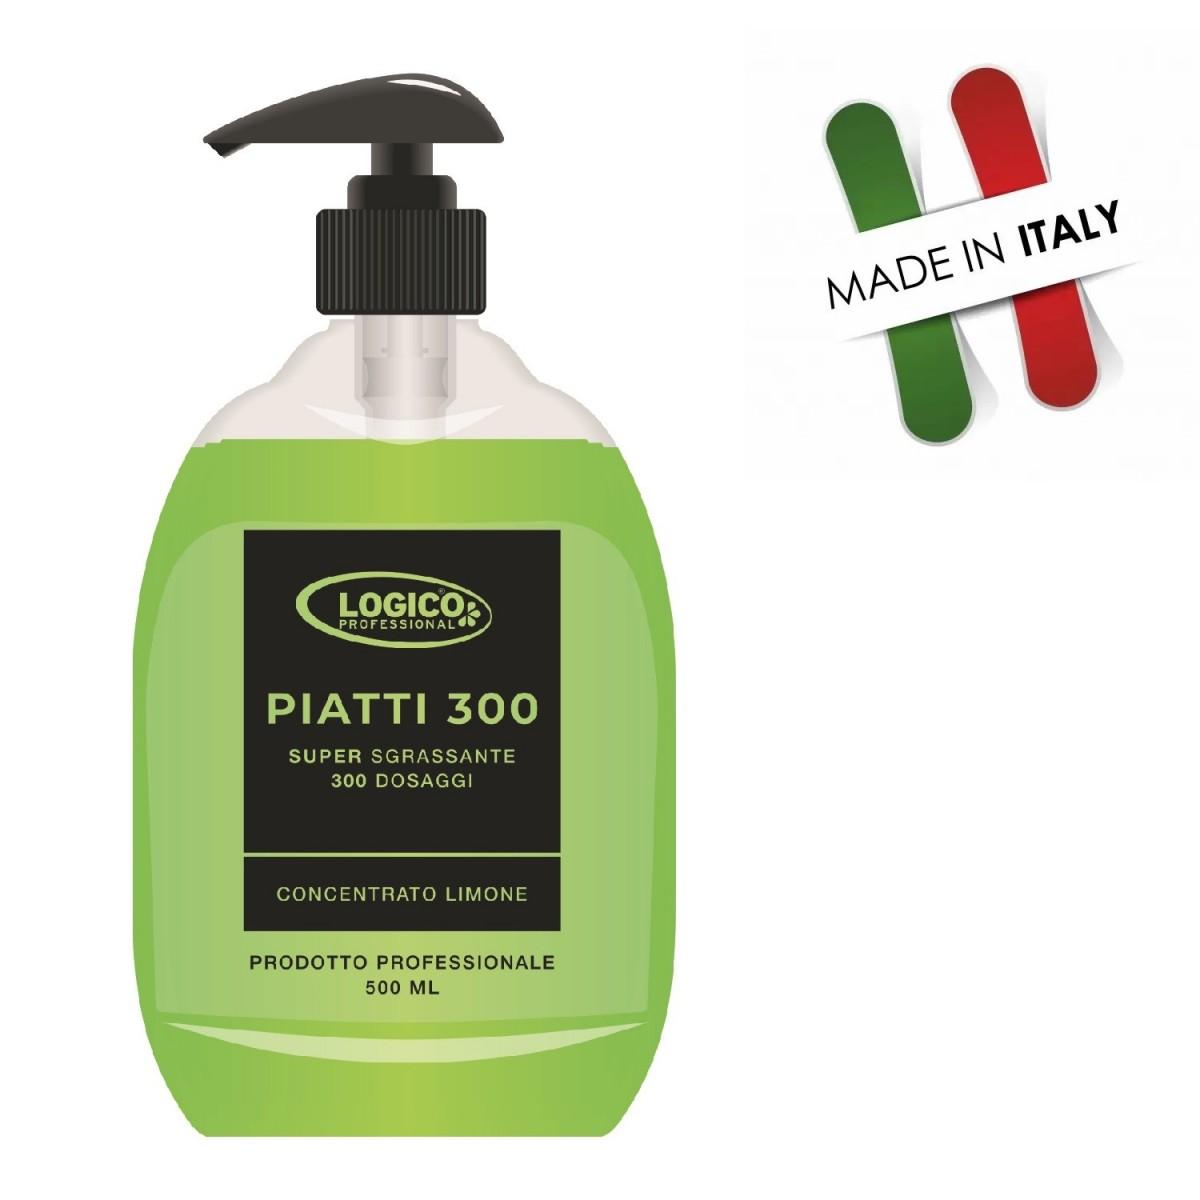 Detergente stoviglie superconcentrato 300 dosi. 500 ml.